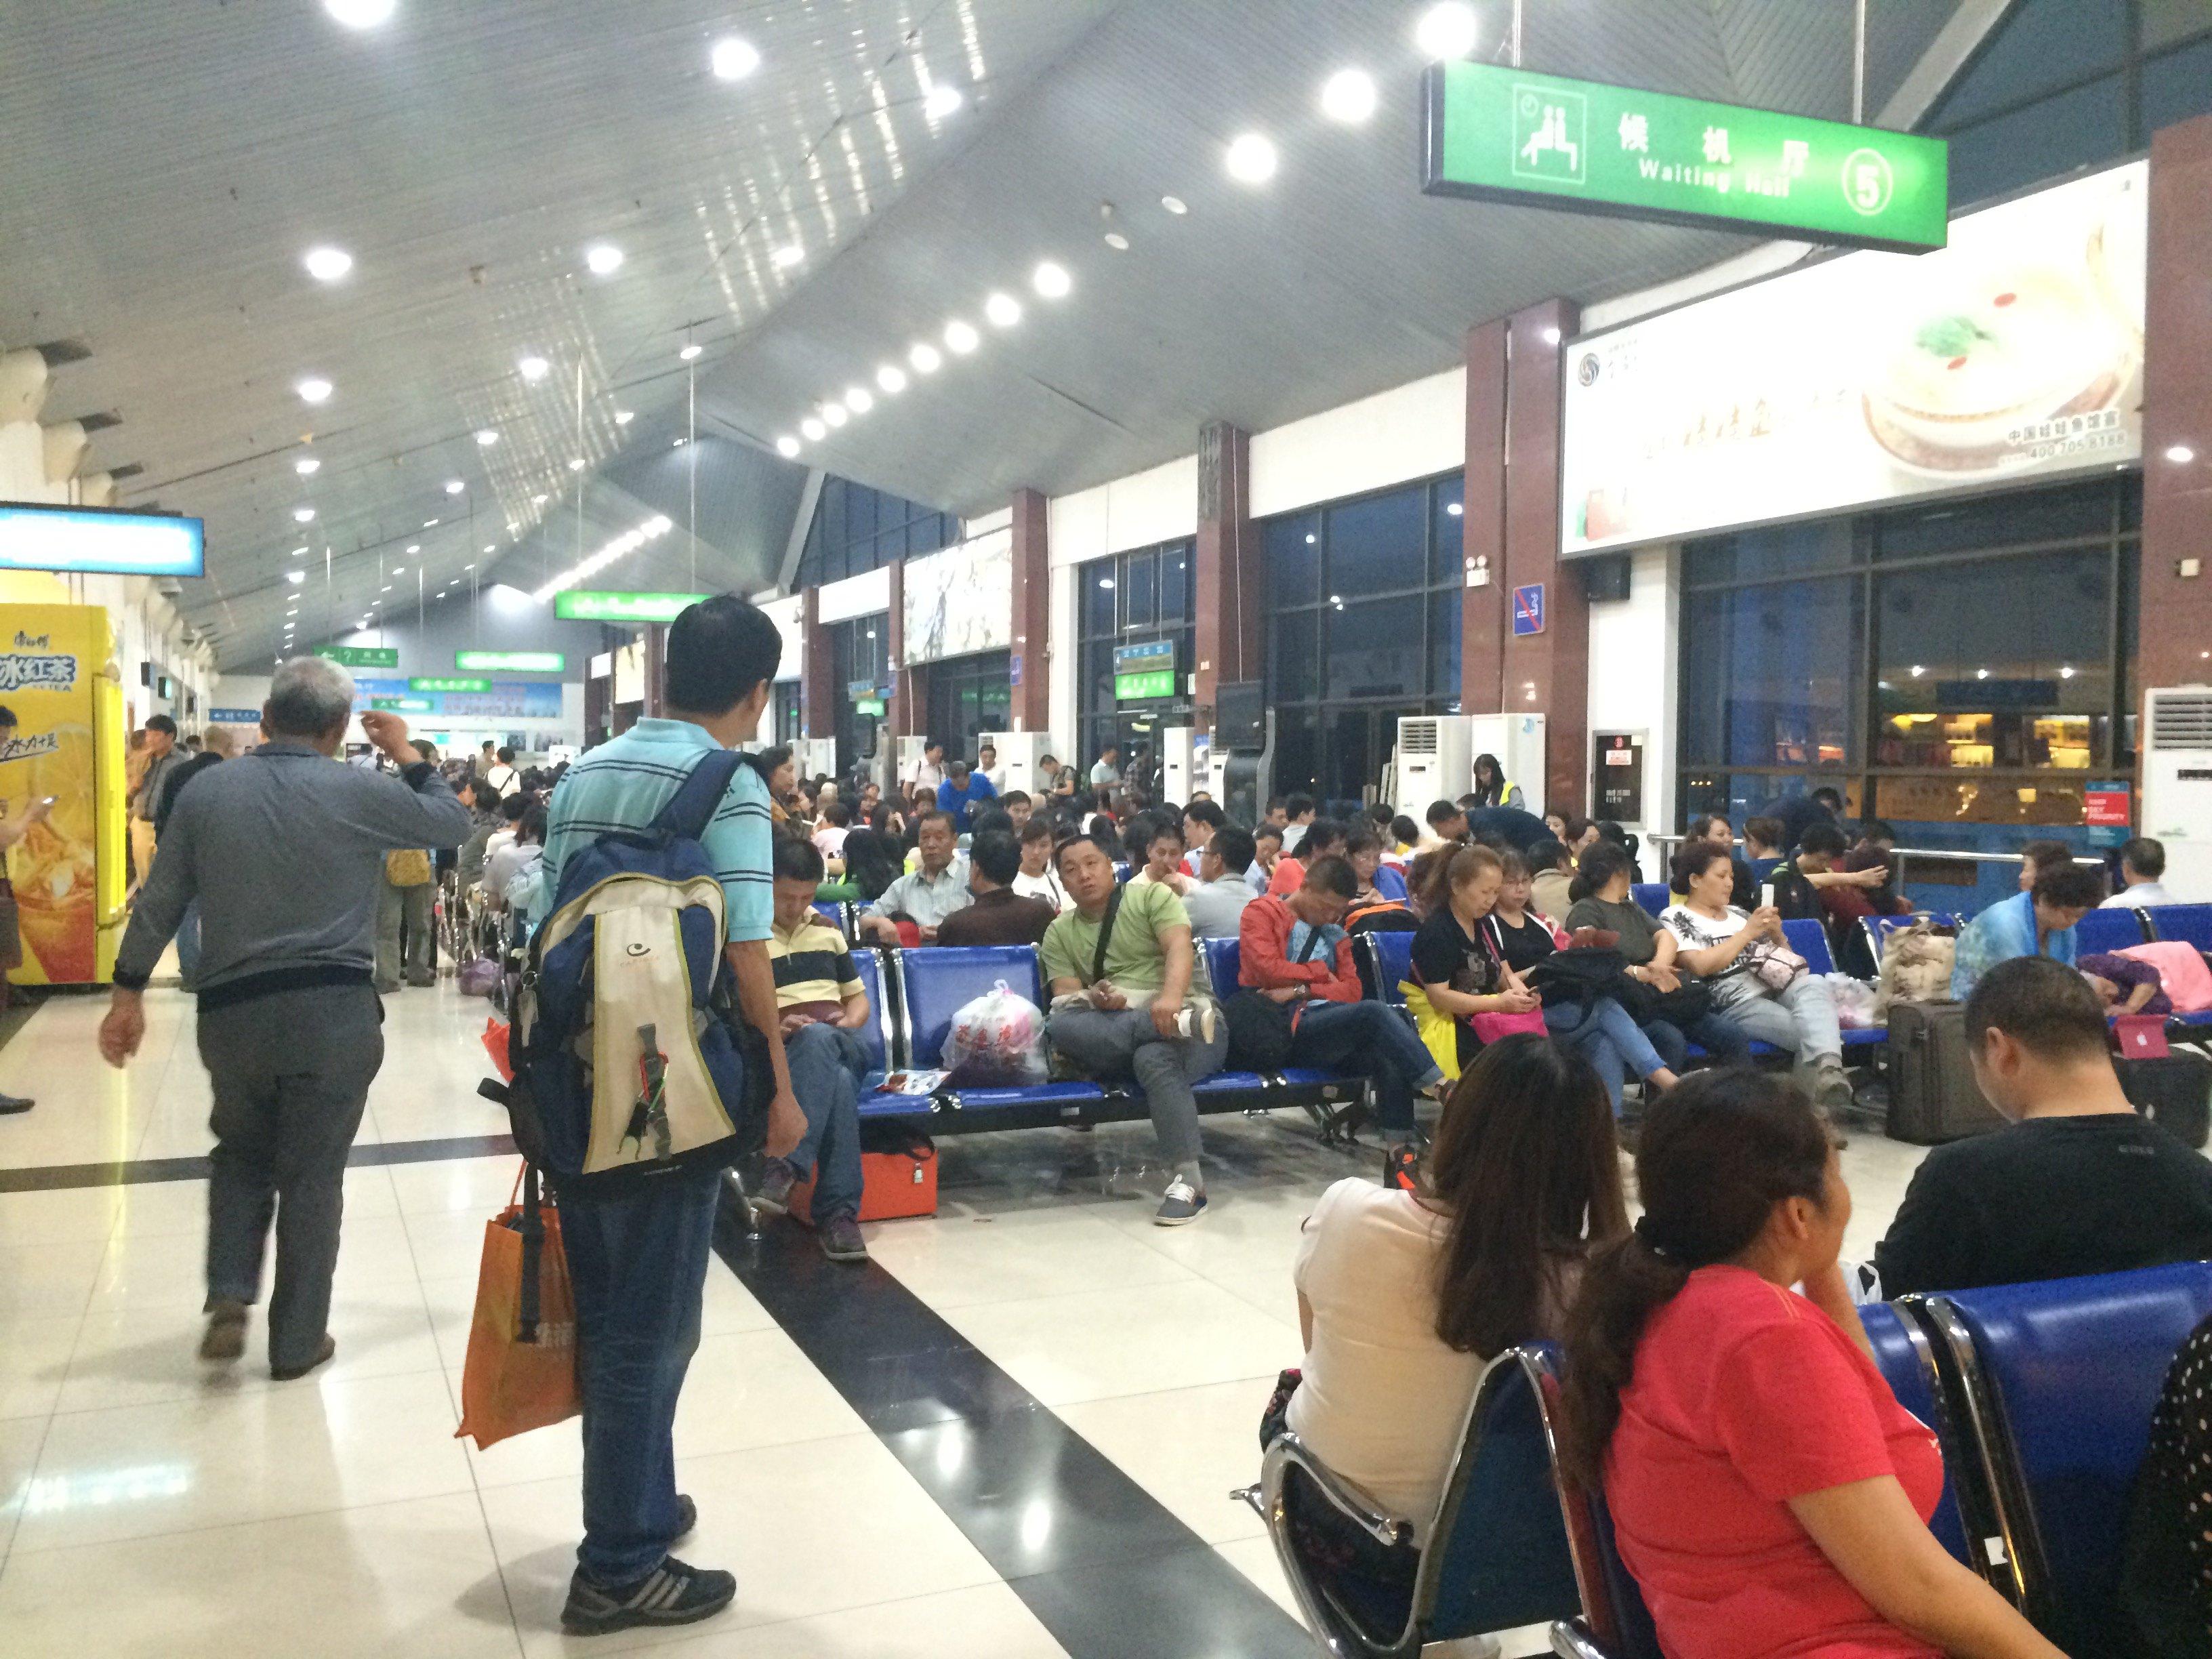 机场非常的小,国内到达只有两个非常小的转盘,不过行李到是出的挺快,而且晚上到达后发现竟然没有机场大巴,真的是挺无语的。出发站的大厅感觉最长的距离也就是五十米,进到候机厅后所有座位都坐满了人,而且墙上的插座稀稀拉拉几个还有坏的。感觉真的是需要重建,毕竟张家集也是个旅游大城市。